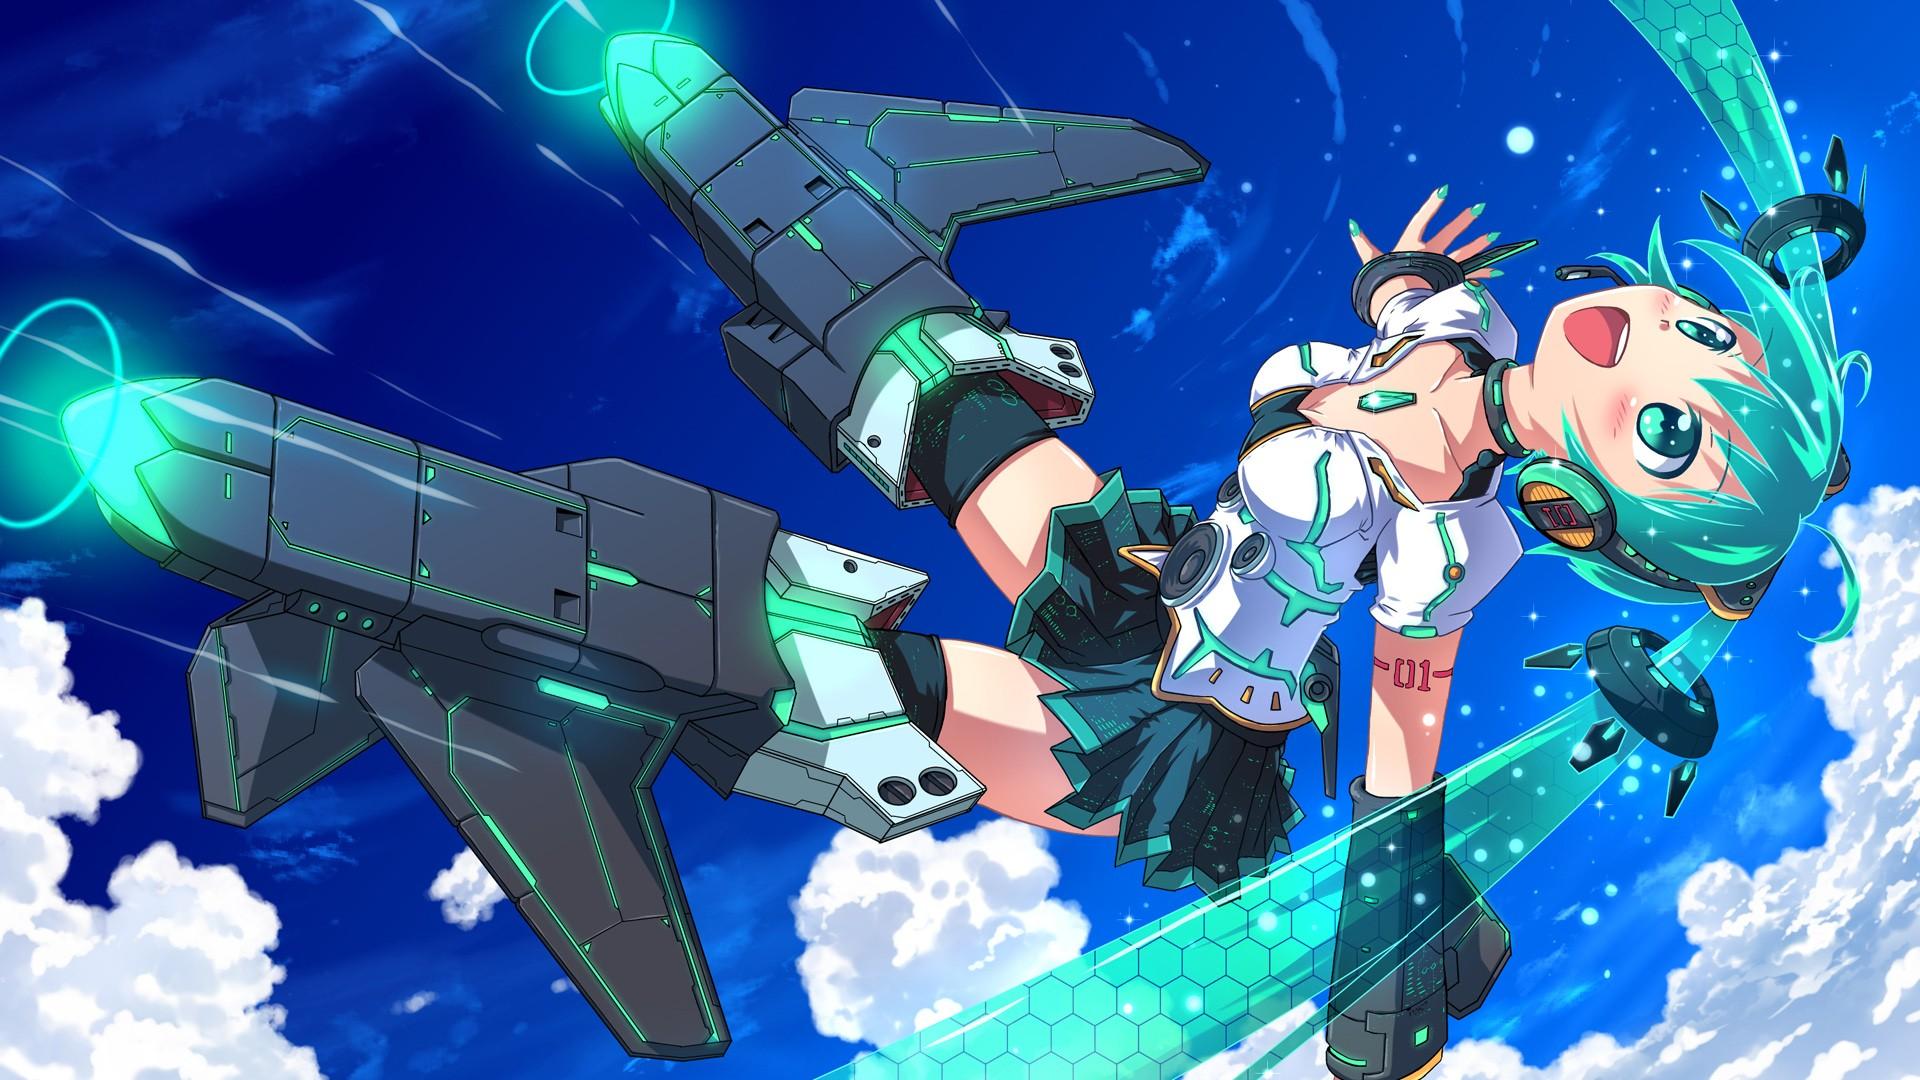 デスクトップ壁紙 アニメの女の子 青い髪 雲 クロスオーバ 飛行